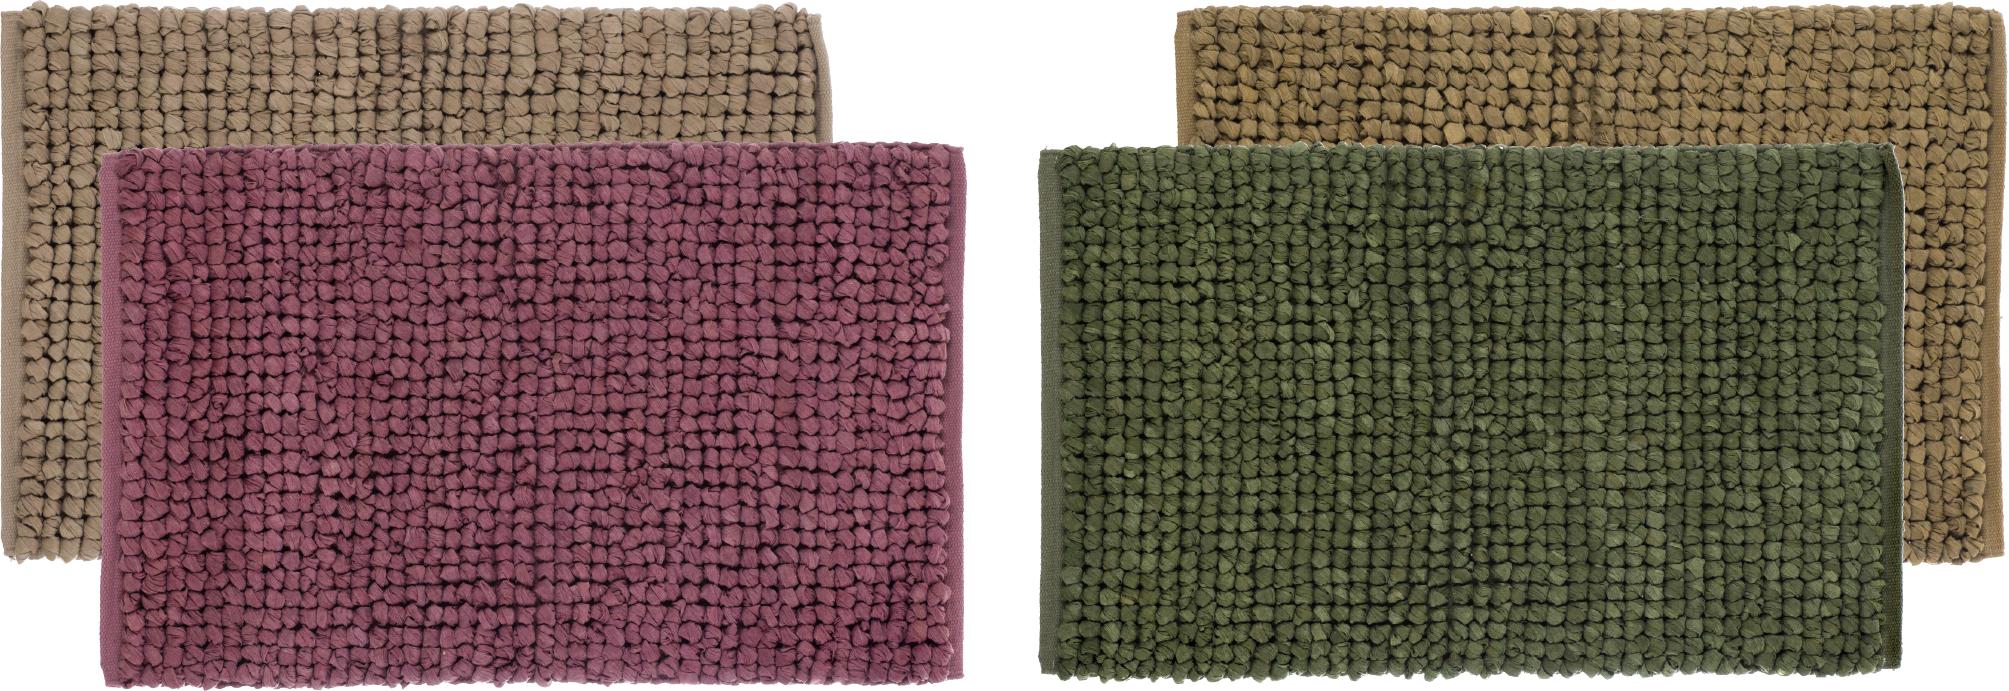 Gabi Schott Living Badteppich Badlaufer Vorleger Teppich 4 Farben